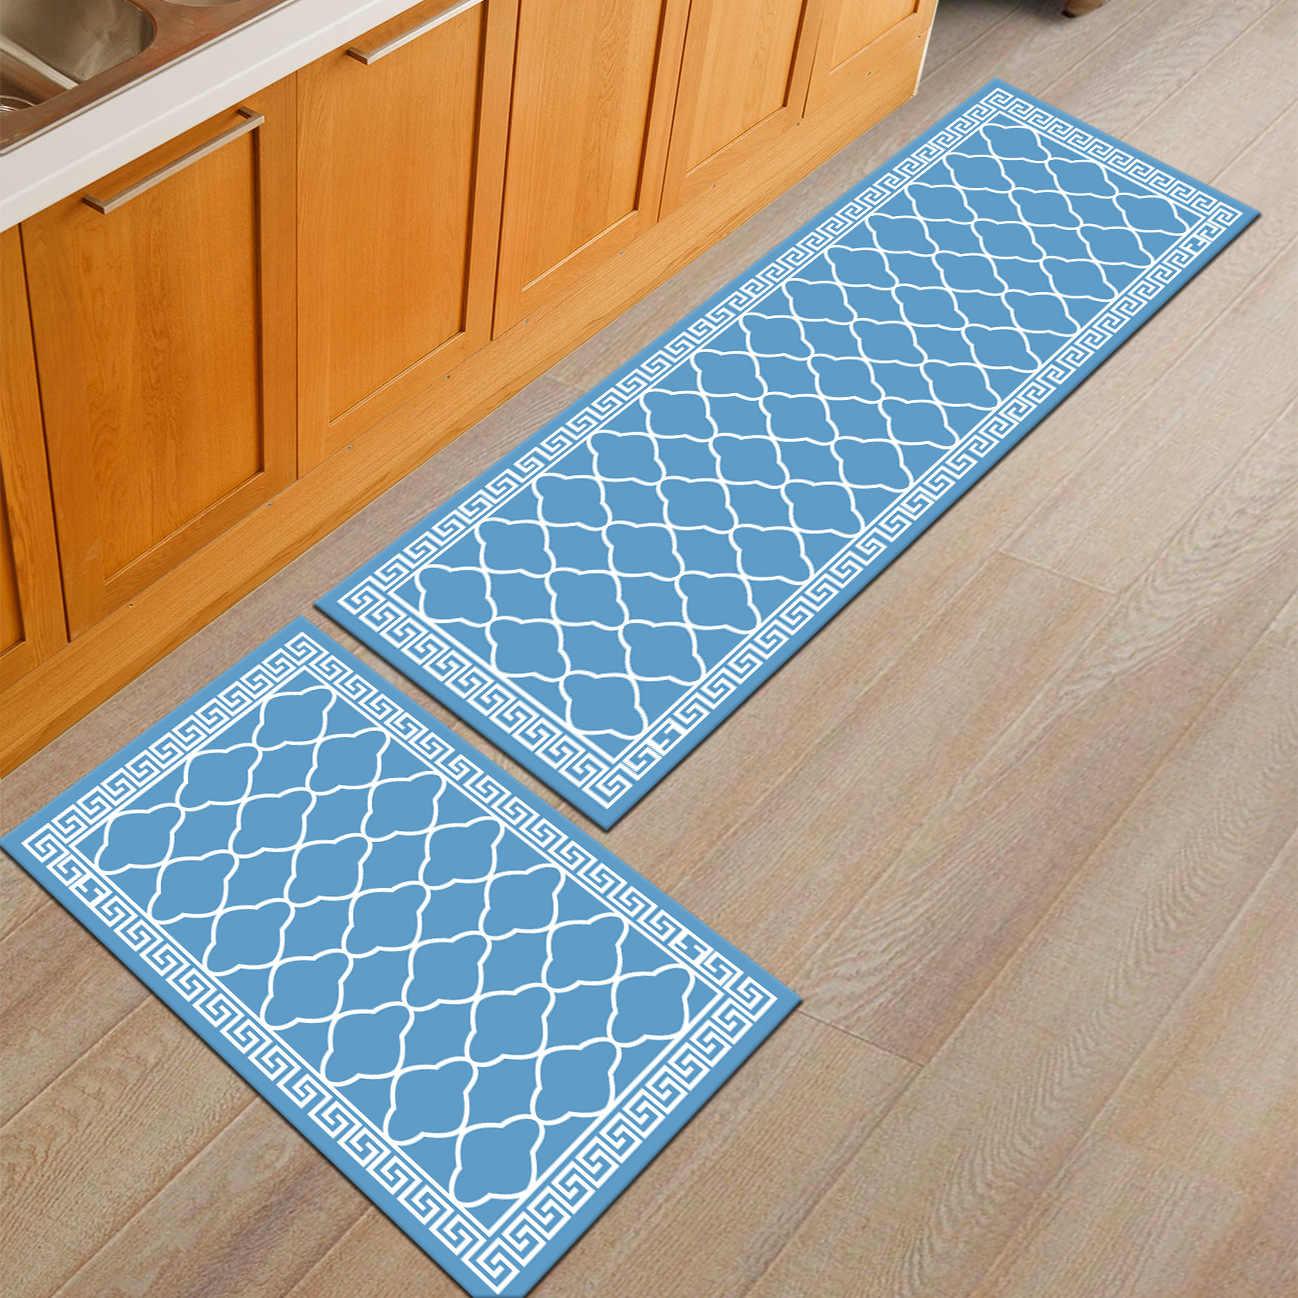 Zeegle впитывающие коврики Открытый антискользящий ванная ванна коврики для спальни прикроватные коврики диван-стол пол коврик кухонный уголок коврик